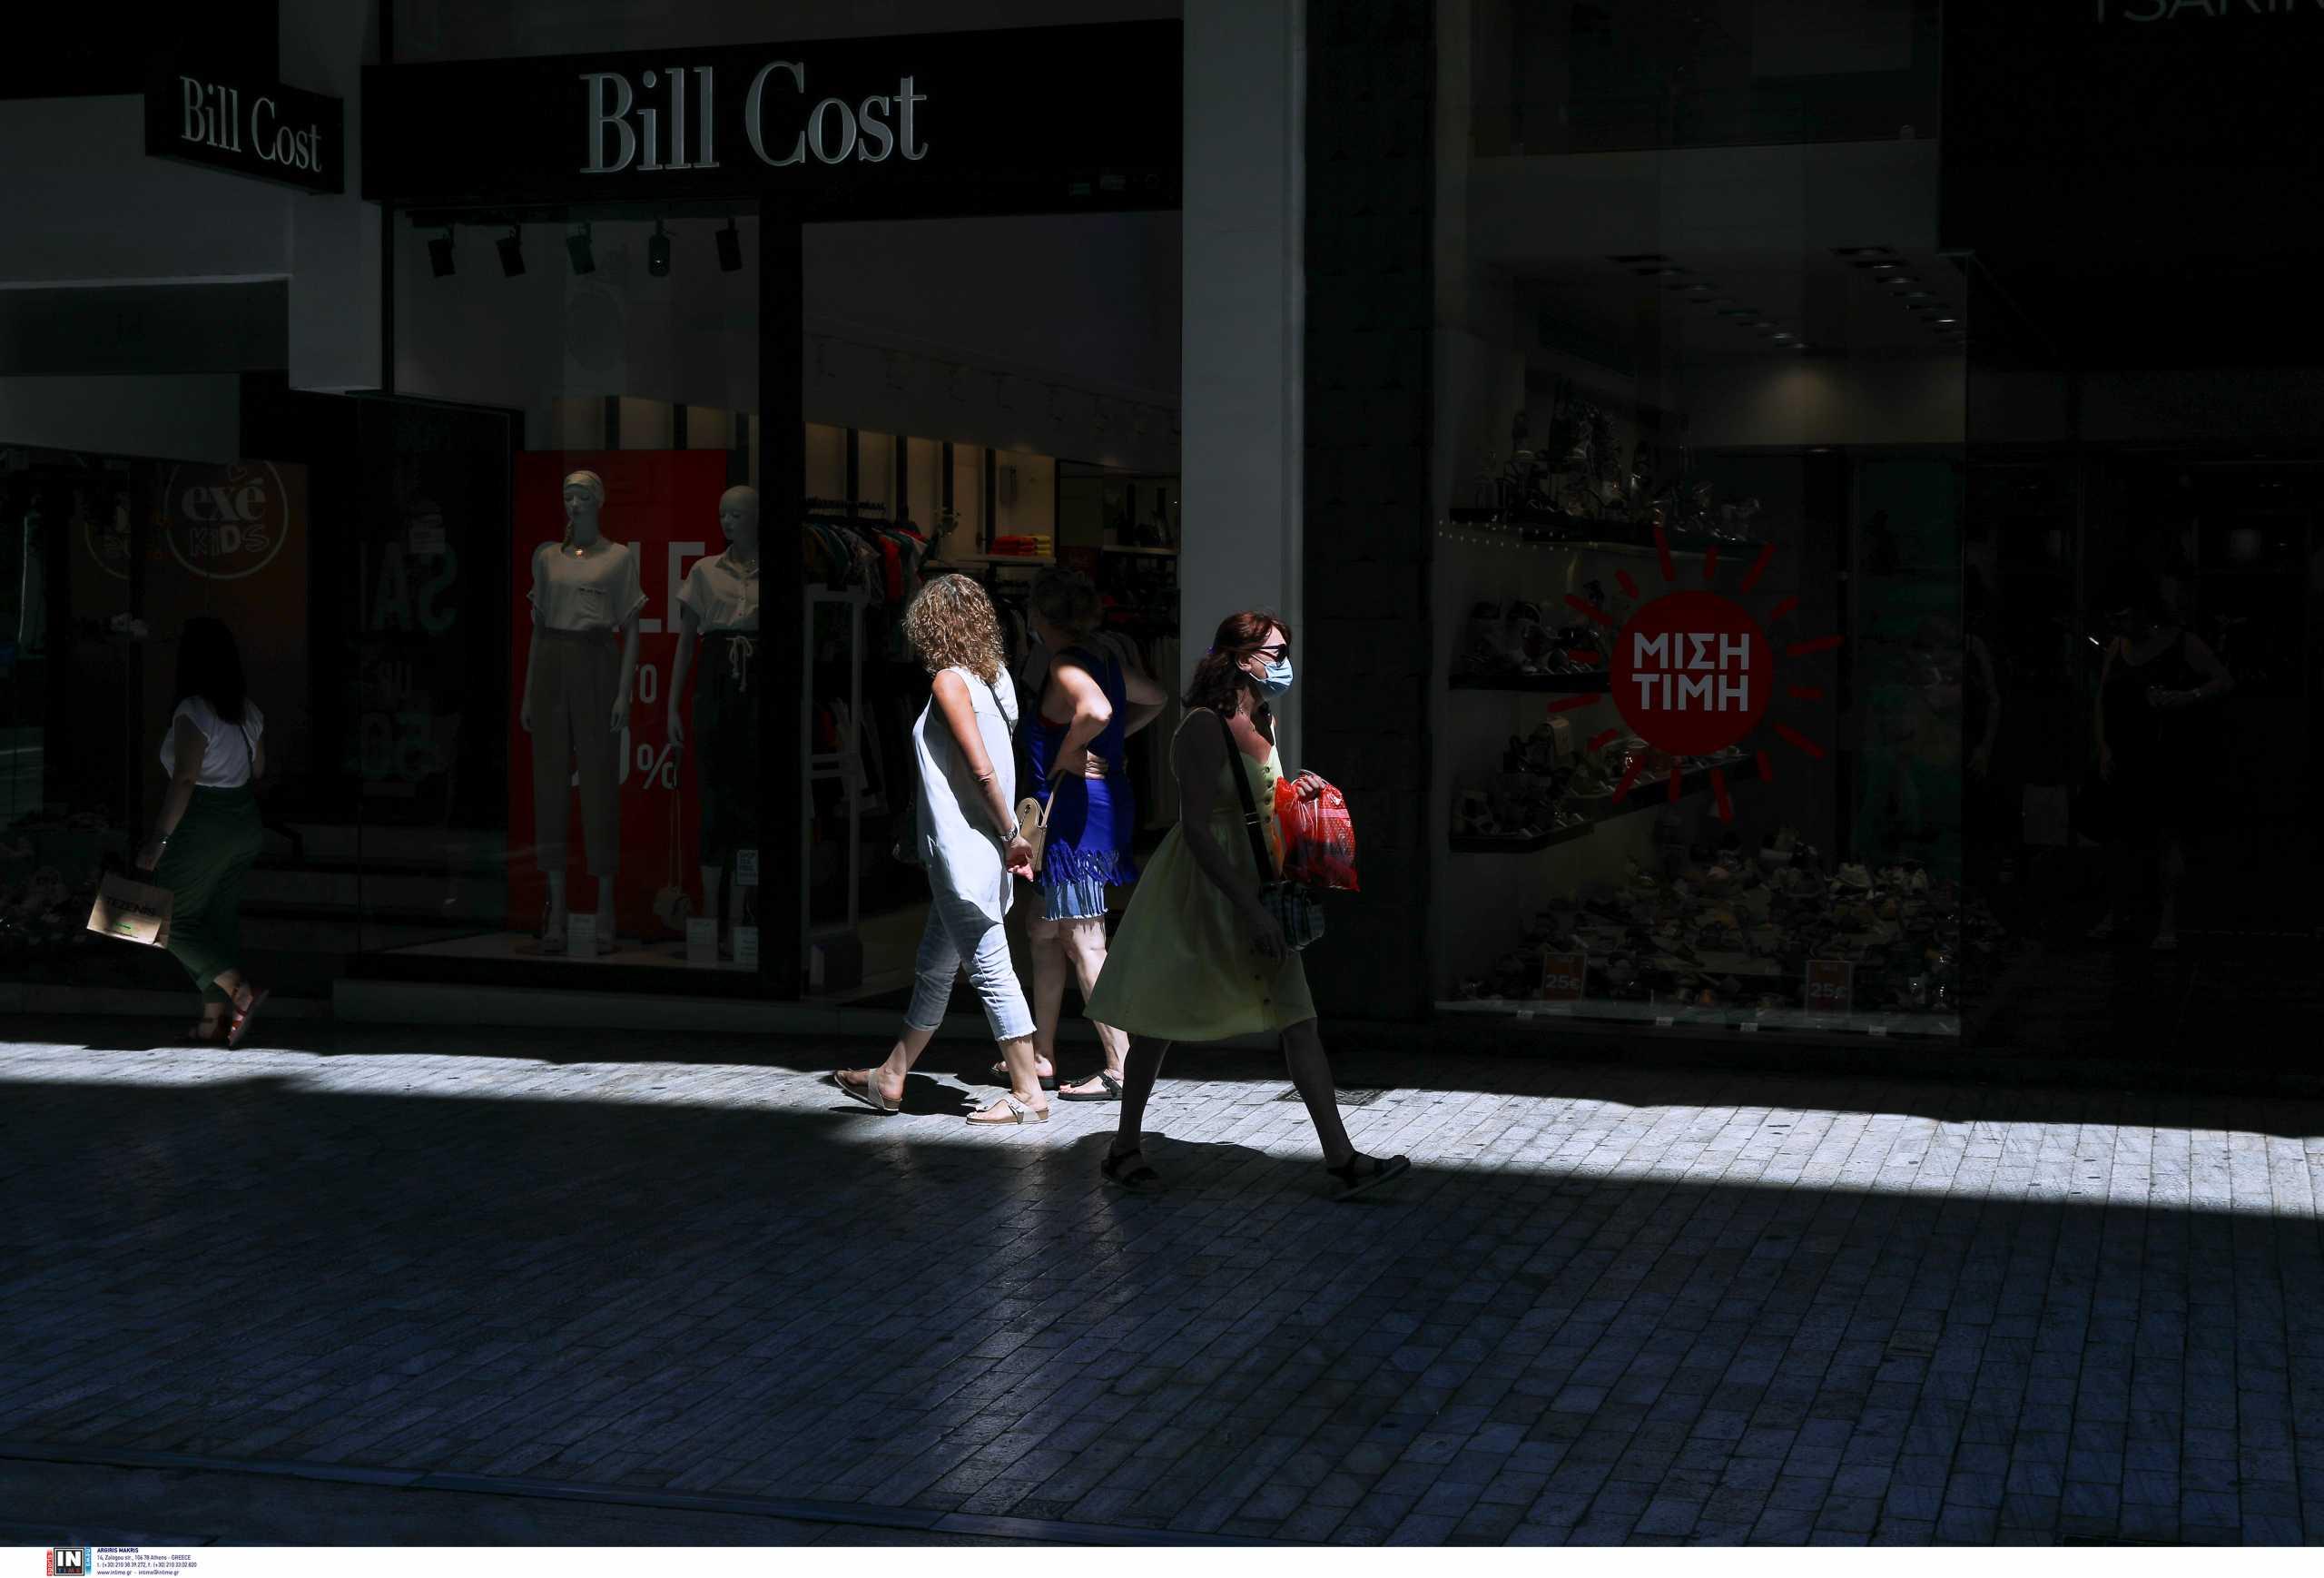 Κορονοϊός: Νέα σενάρια για 10.000 κρούσματα την ημέρα – Οι δείκτες «δείχνουν» νέα μέτρα